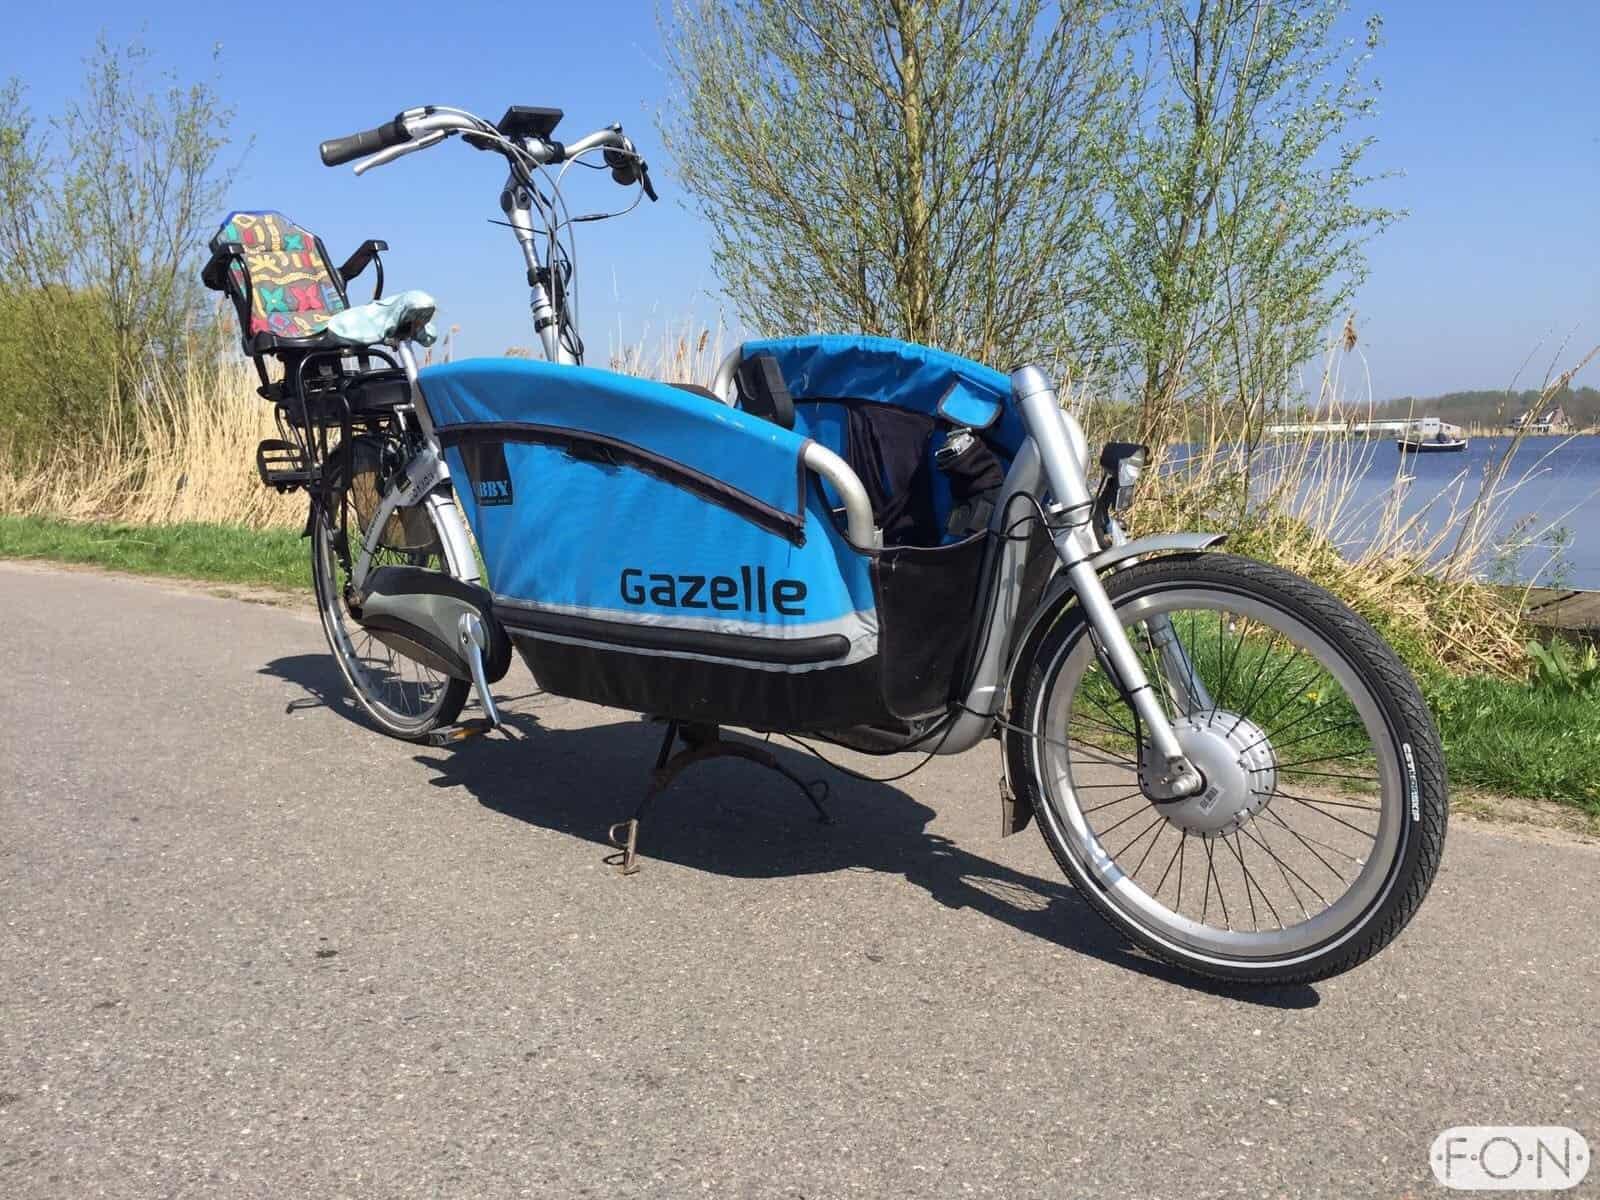 Gazelle Cabby Bafang Voorwielmotor FONebike Arnhem 0487